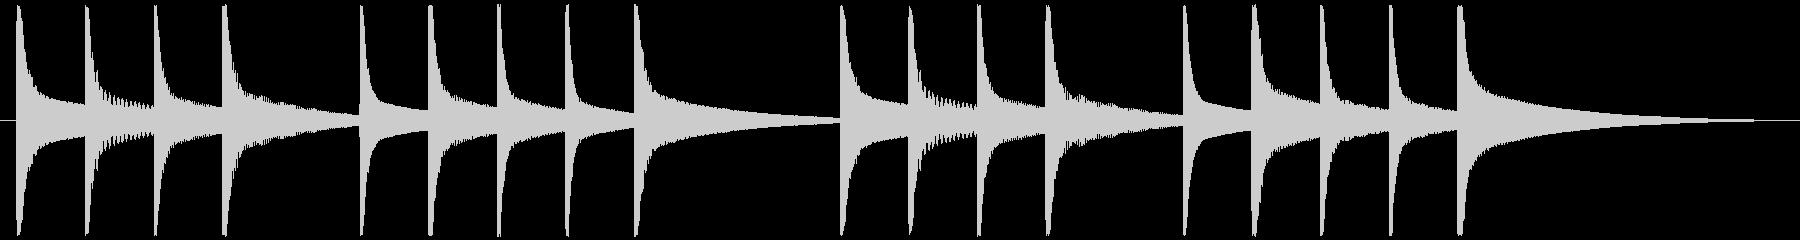 三拍子のゆったりしたオルゴールのジングルの未再生の波形